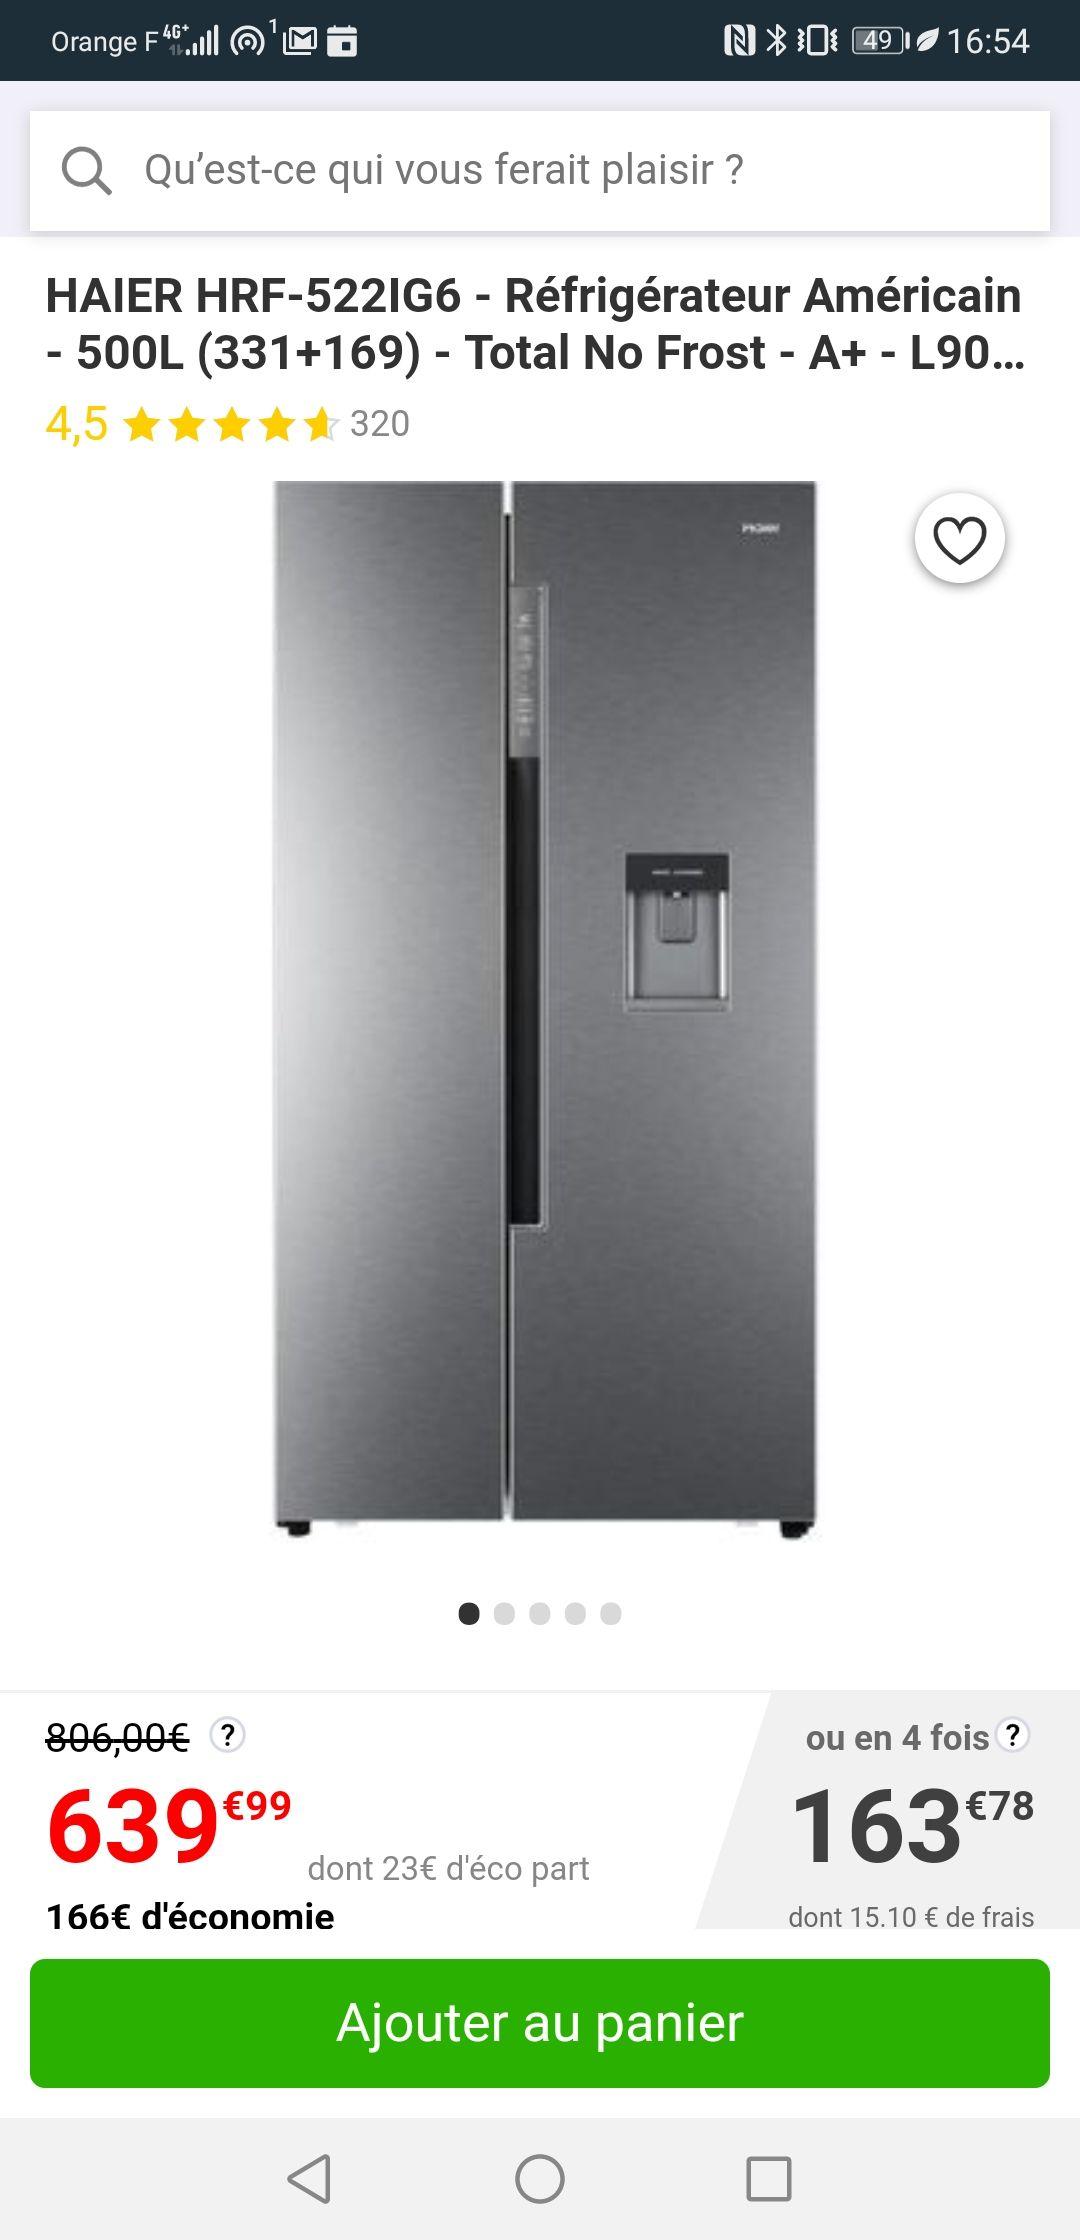 Réfrigerateur americain Haier HRF-522IG6 - 500L (331 + 169L), Total no frost, A+